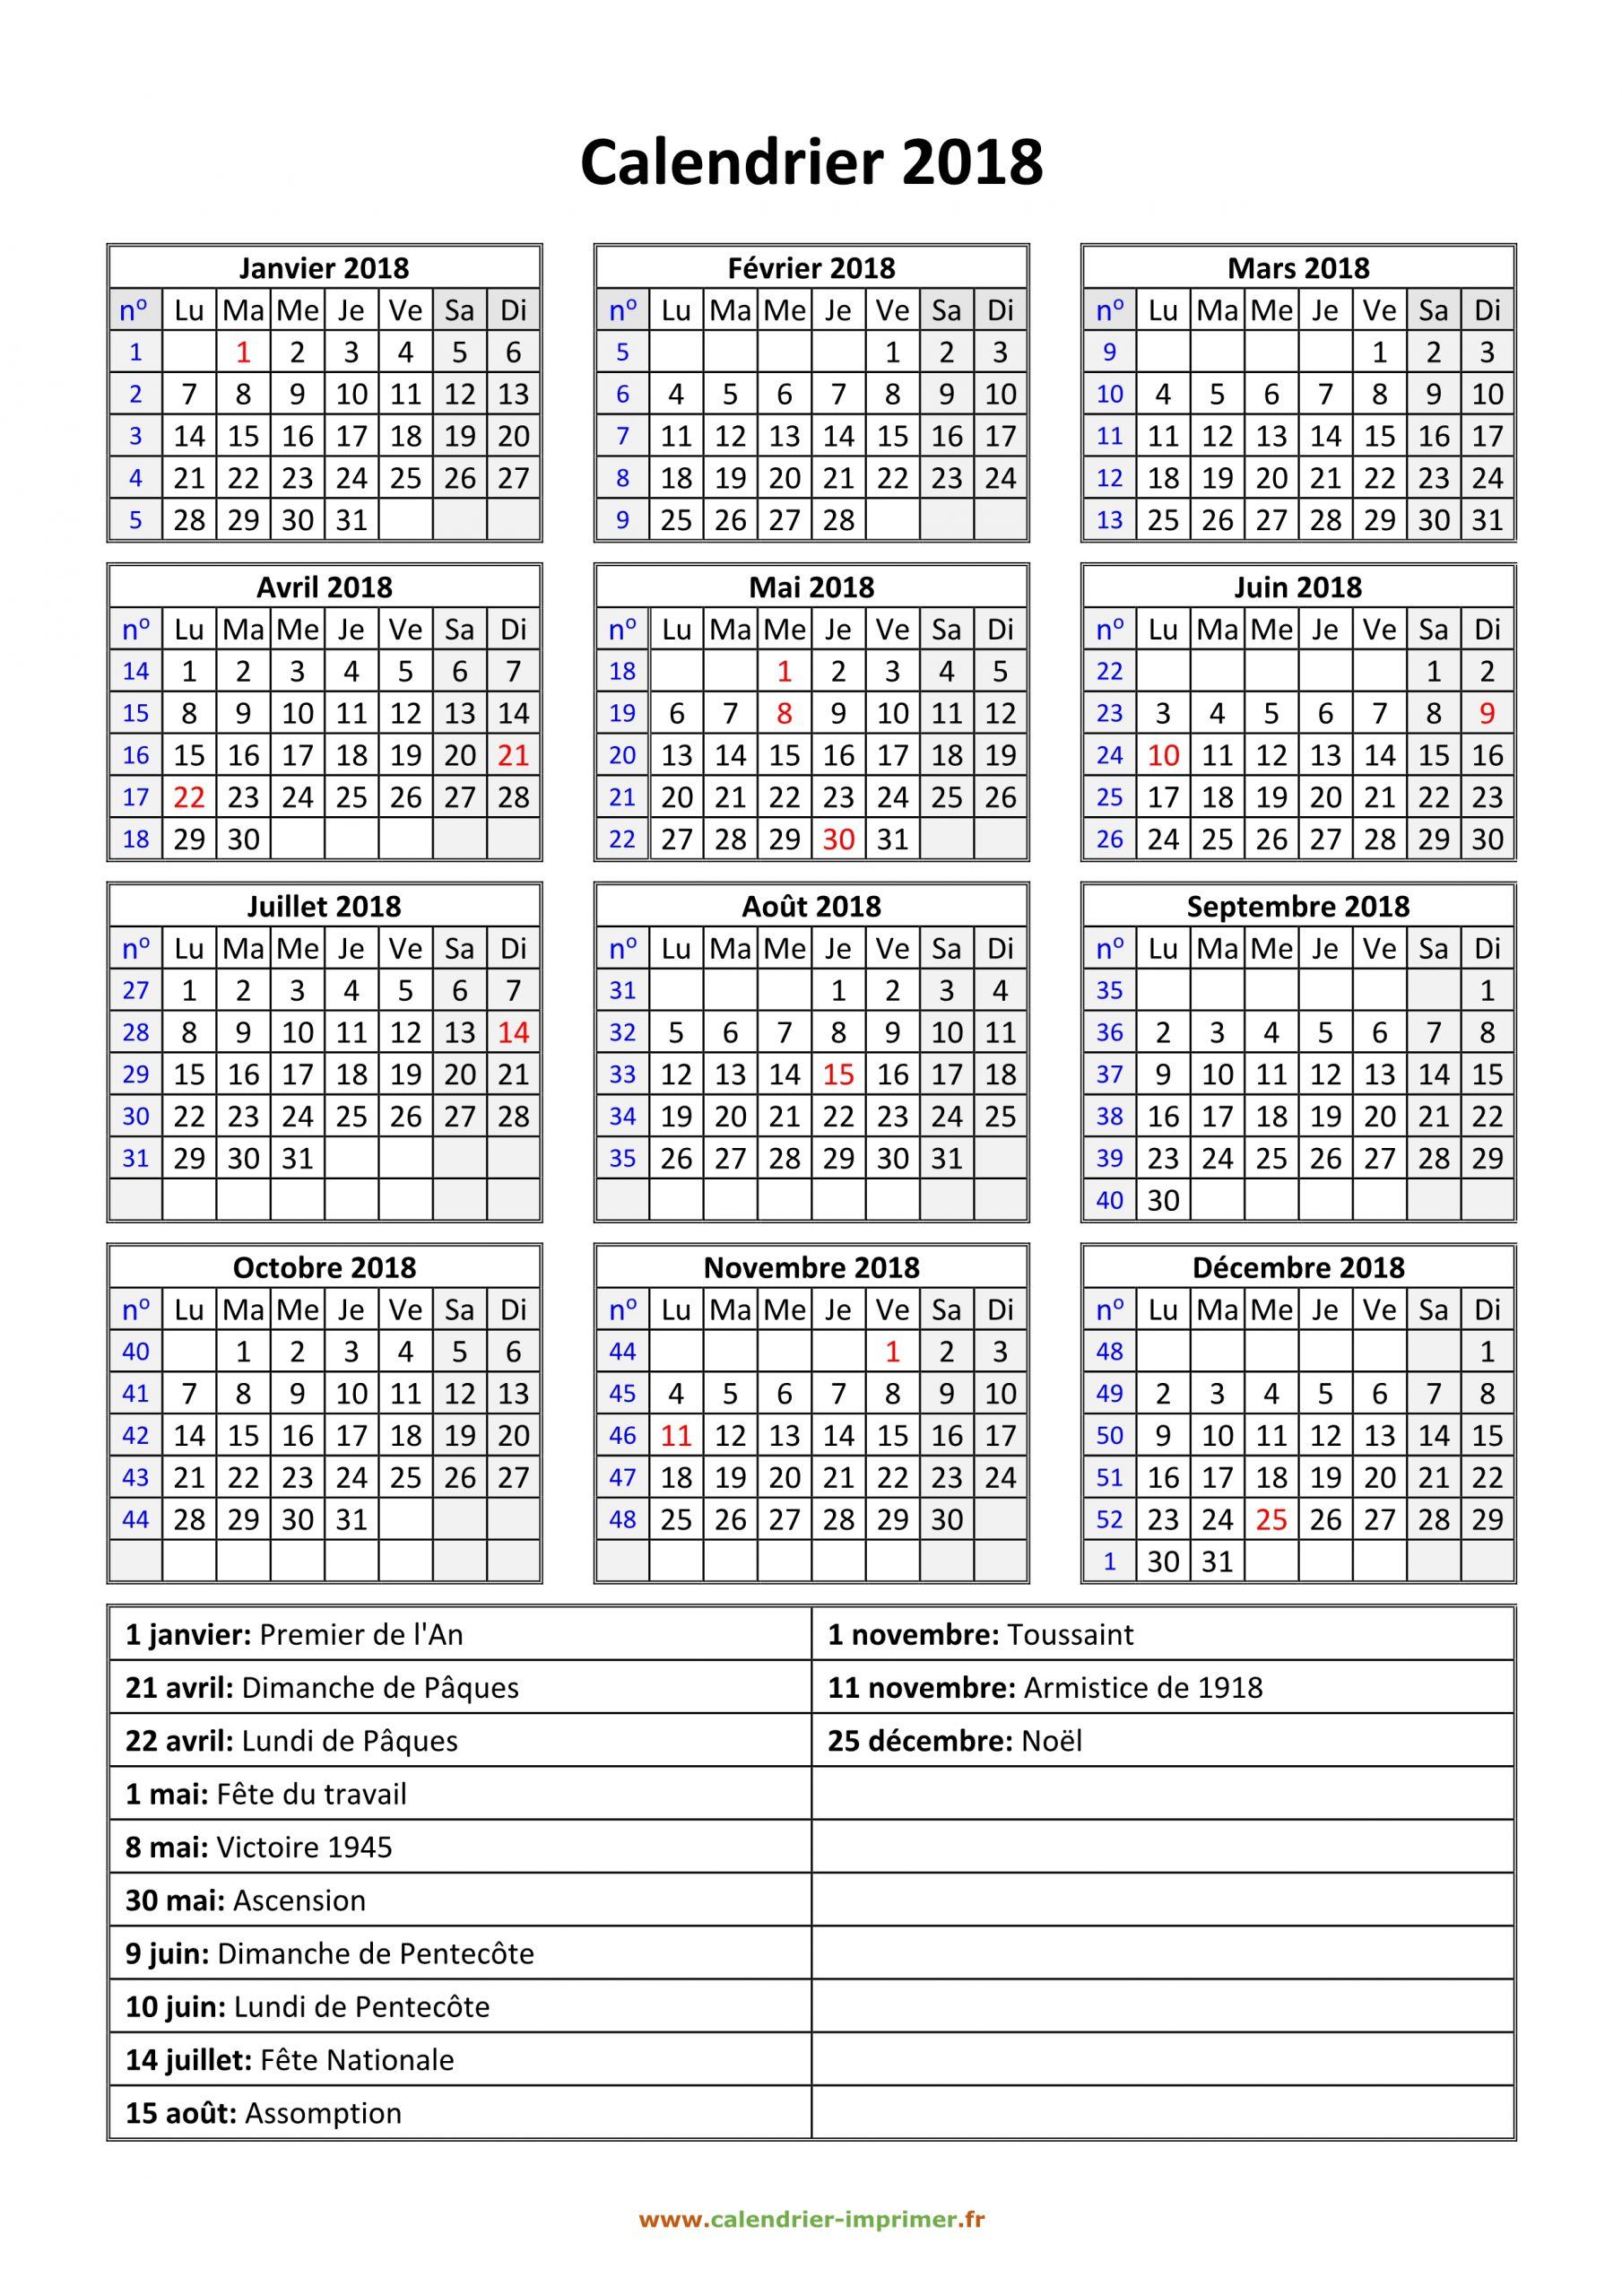 Calendrier 2019 Excel Modifiable Gratuit concernant Calendrier En Ligne Gratuit A Imprimer